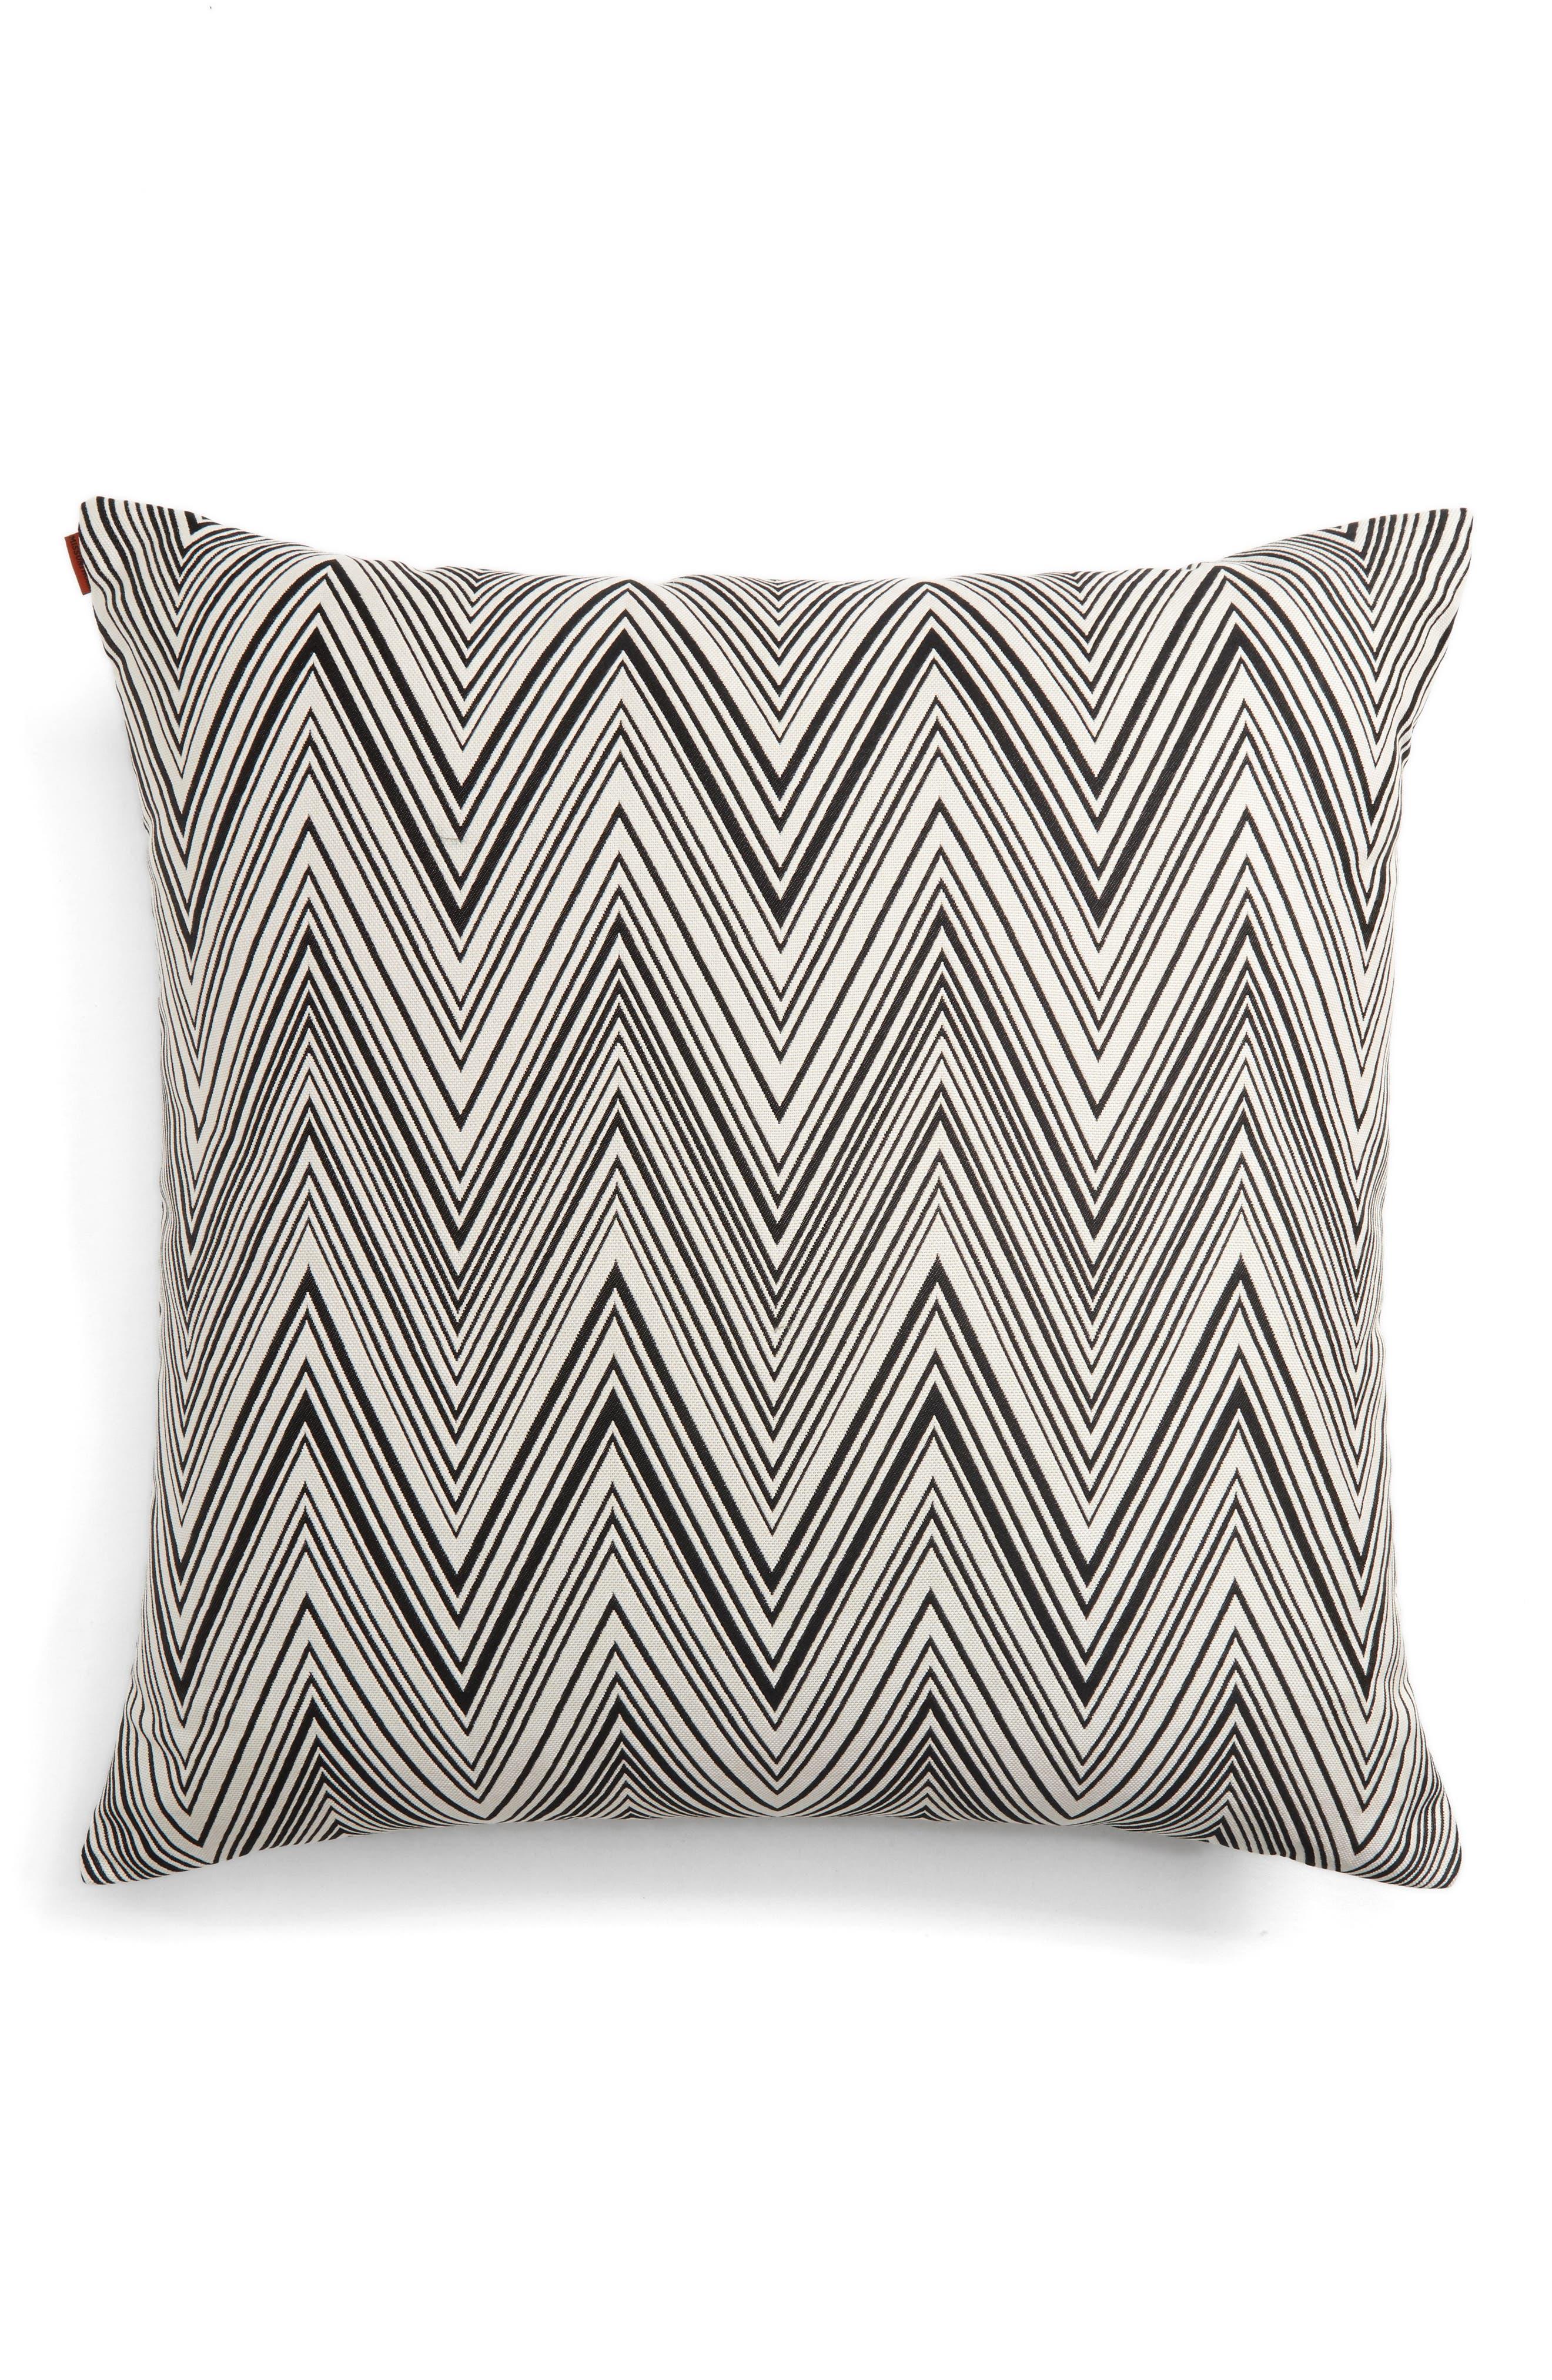 Chevron Accent Pillow,                             Main thumbnail 1, color,                             020